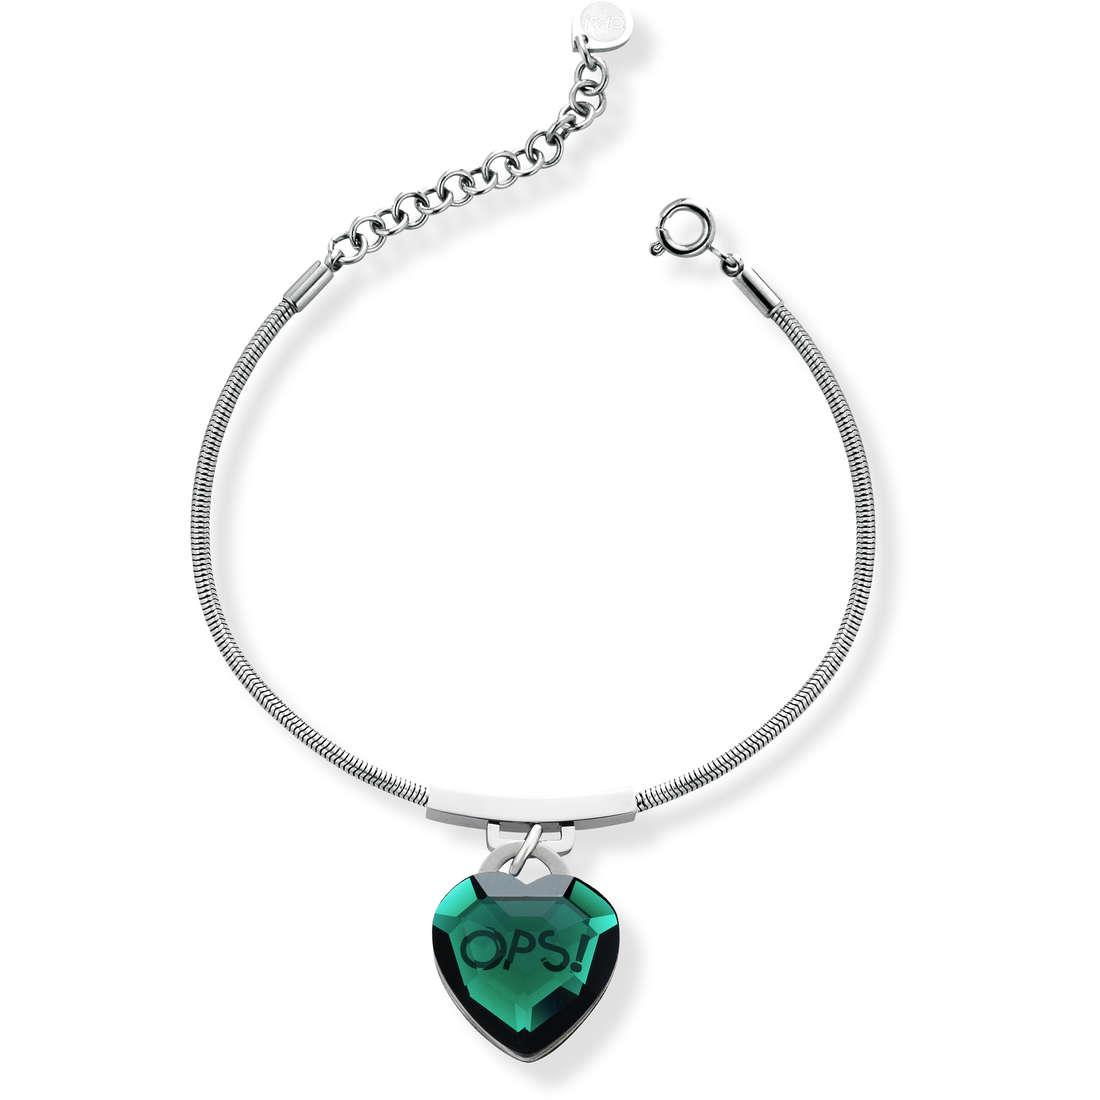 bracelet woman jewellery Ops Objects Shiny OPSBR-422